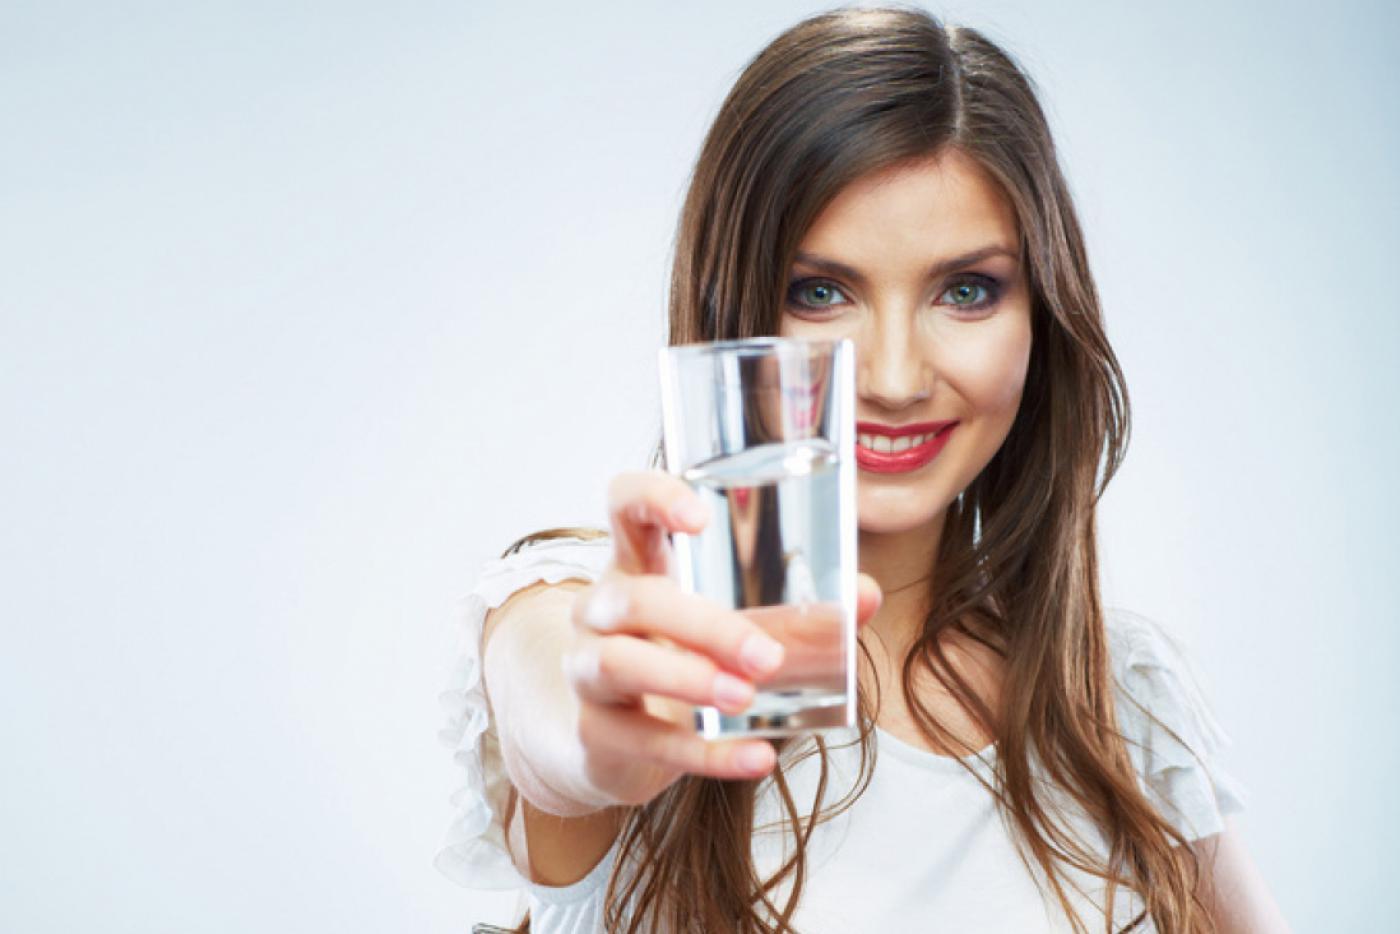 Стакан воды с утра совершит волшебство с вашим организмом